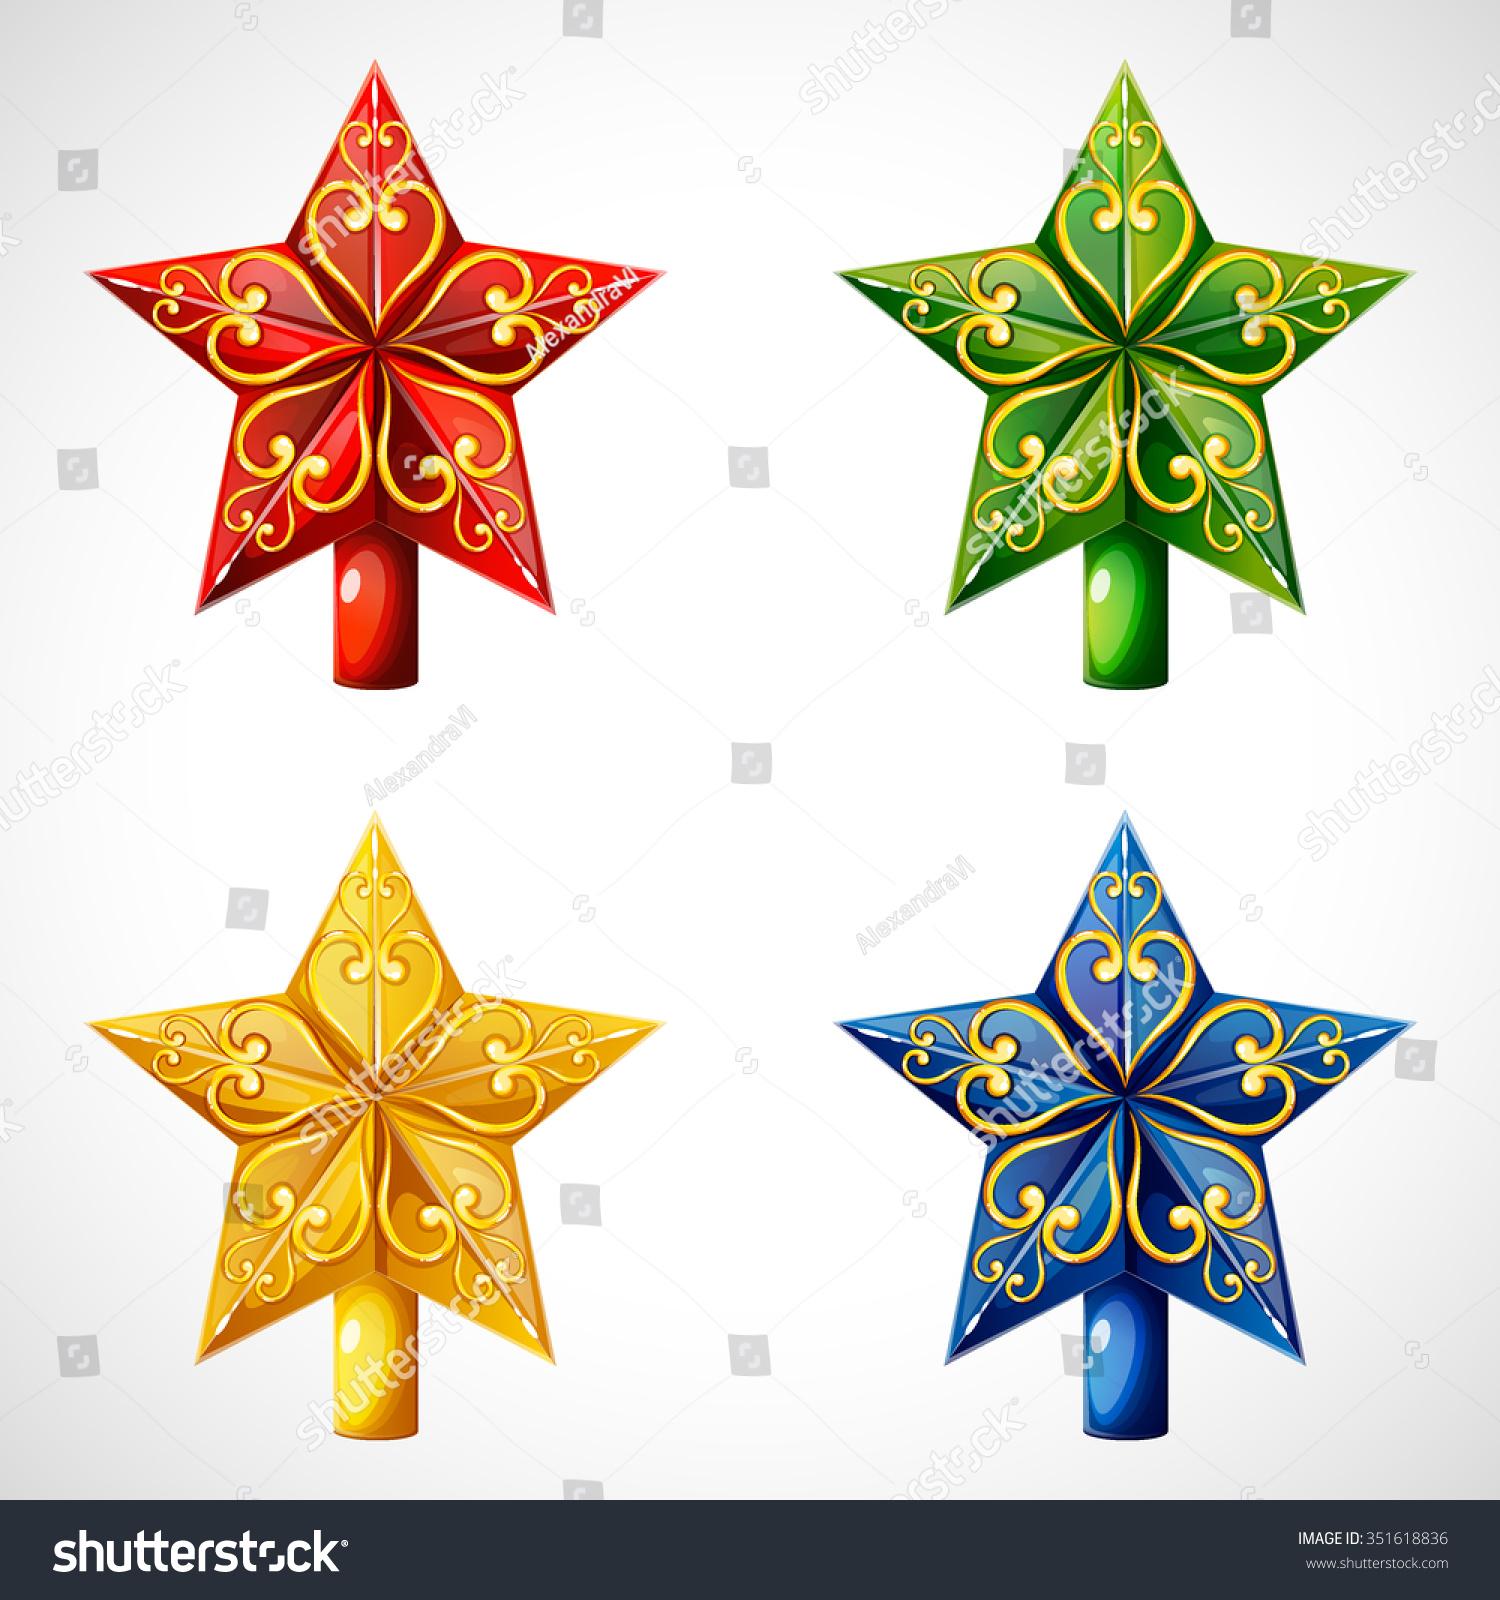 Christmas star tree topper stock vector